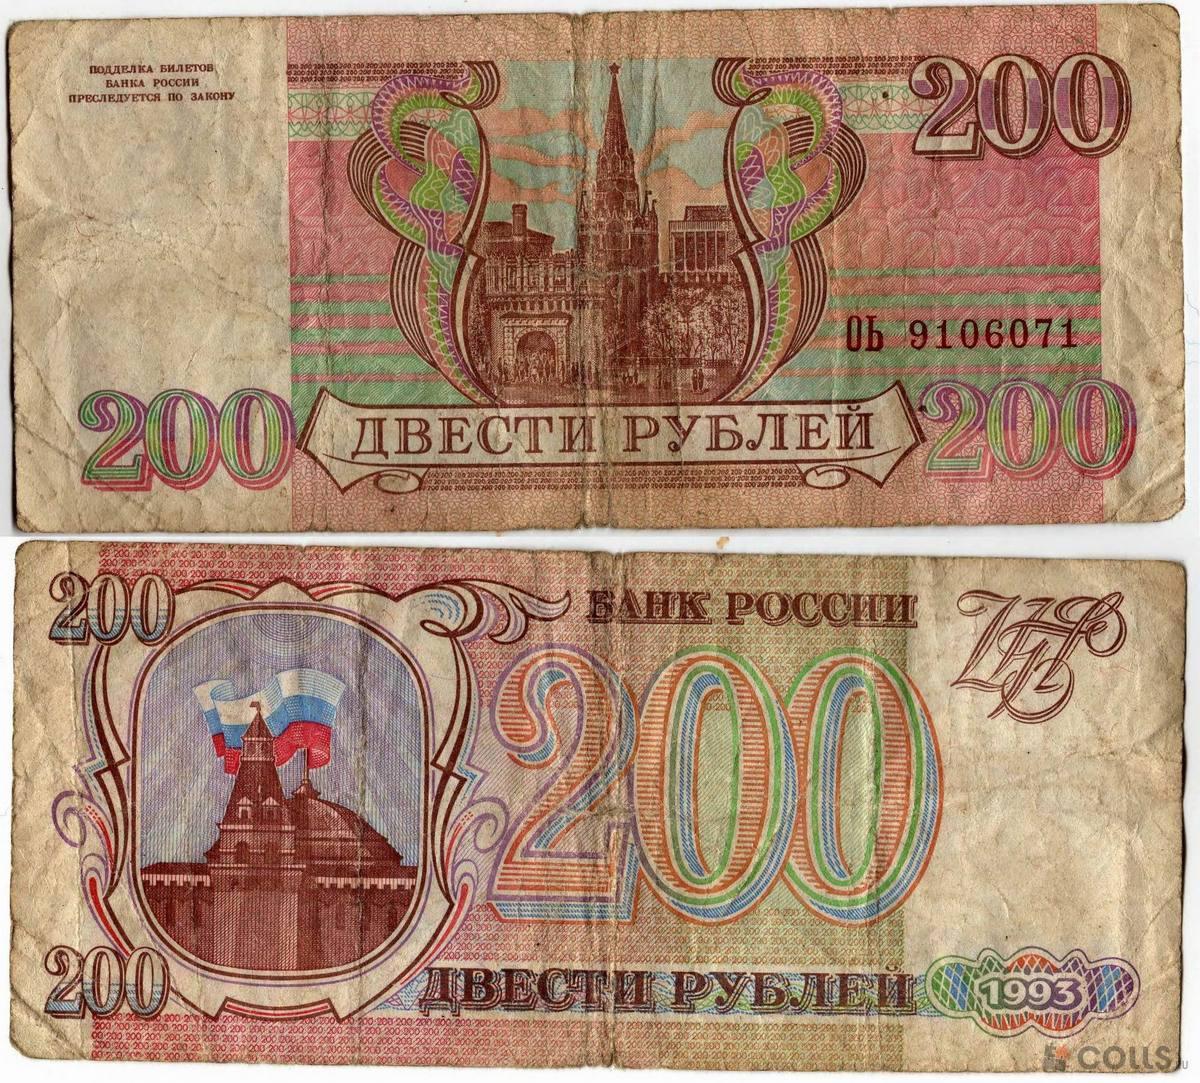 200 рублей 1993 / коллекция